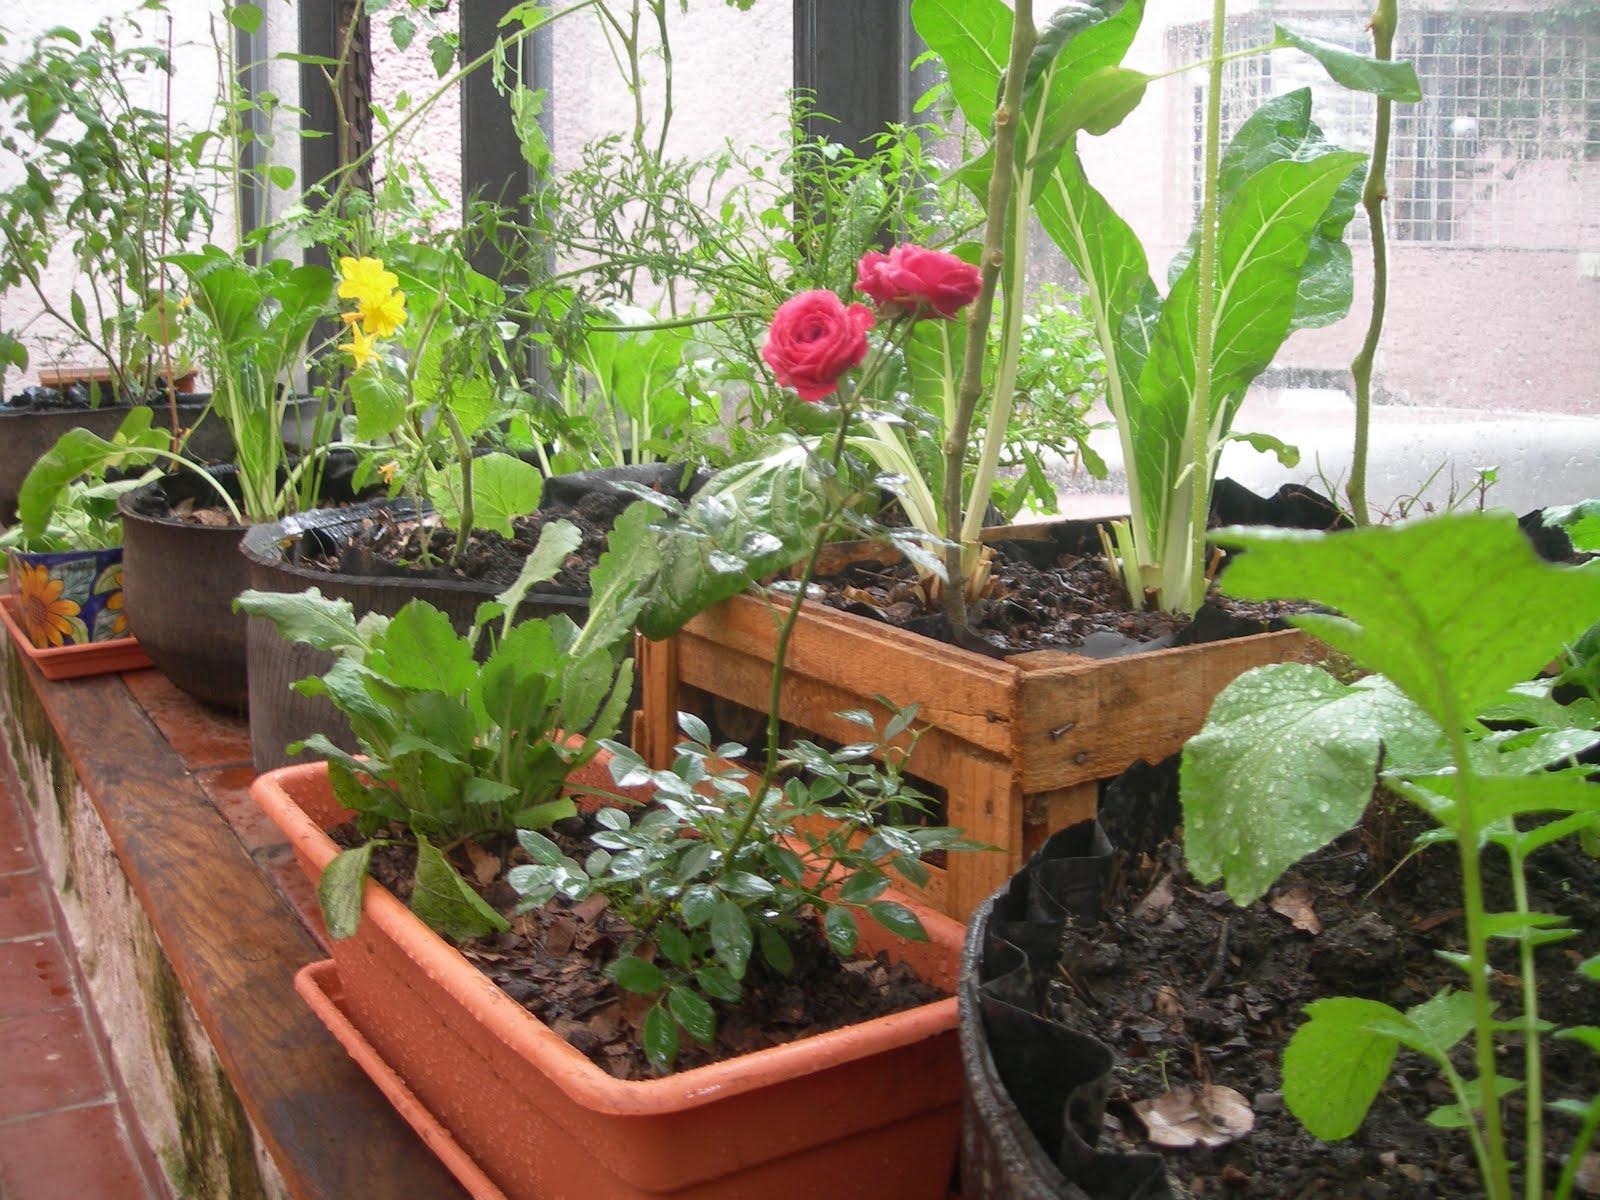 Asociaci n de plantas en el huerto el huerto de urbanoel for Cultivar vegetales en casa